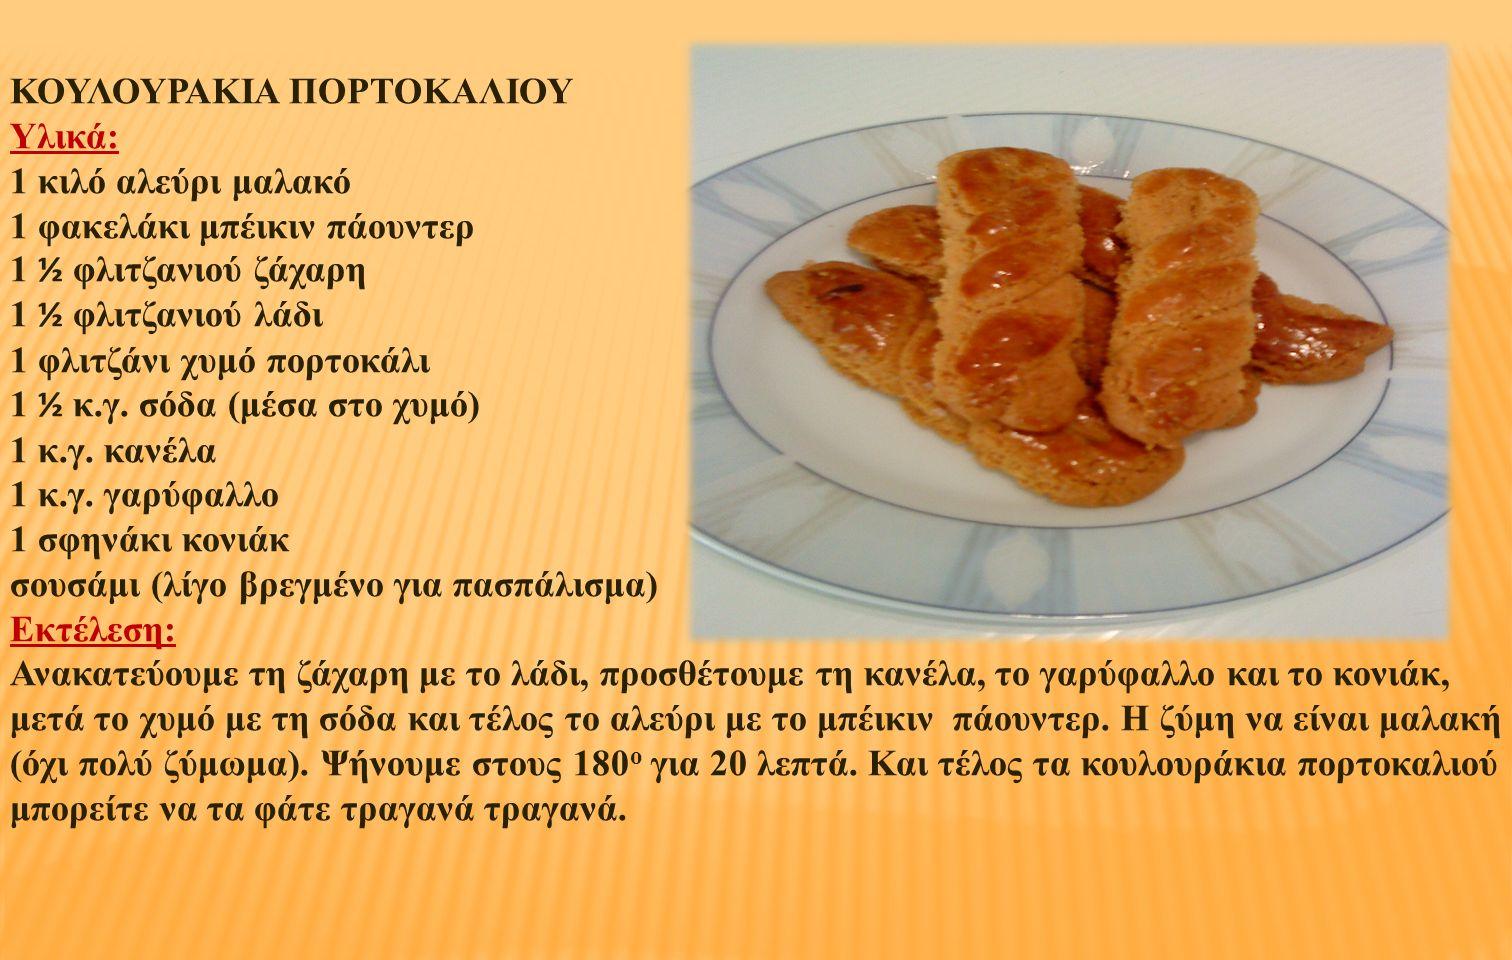 ΚΟΥΛΟΥΡΑΚΙΑ ΠΟΡΤΟΚΑΛΙΟΥ Υλικά: 1 κιλό αλεύρι μαλακό 1 φακελάκι μπέικιν πάουντερ 1 ½ φλιτζανιού ζάχαρη 1 ½ φλιτζανιού λάδι 1 φλιτζάνι χυμό πορτοκάλι 1 ½ κ.γ.